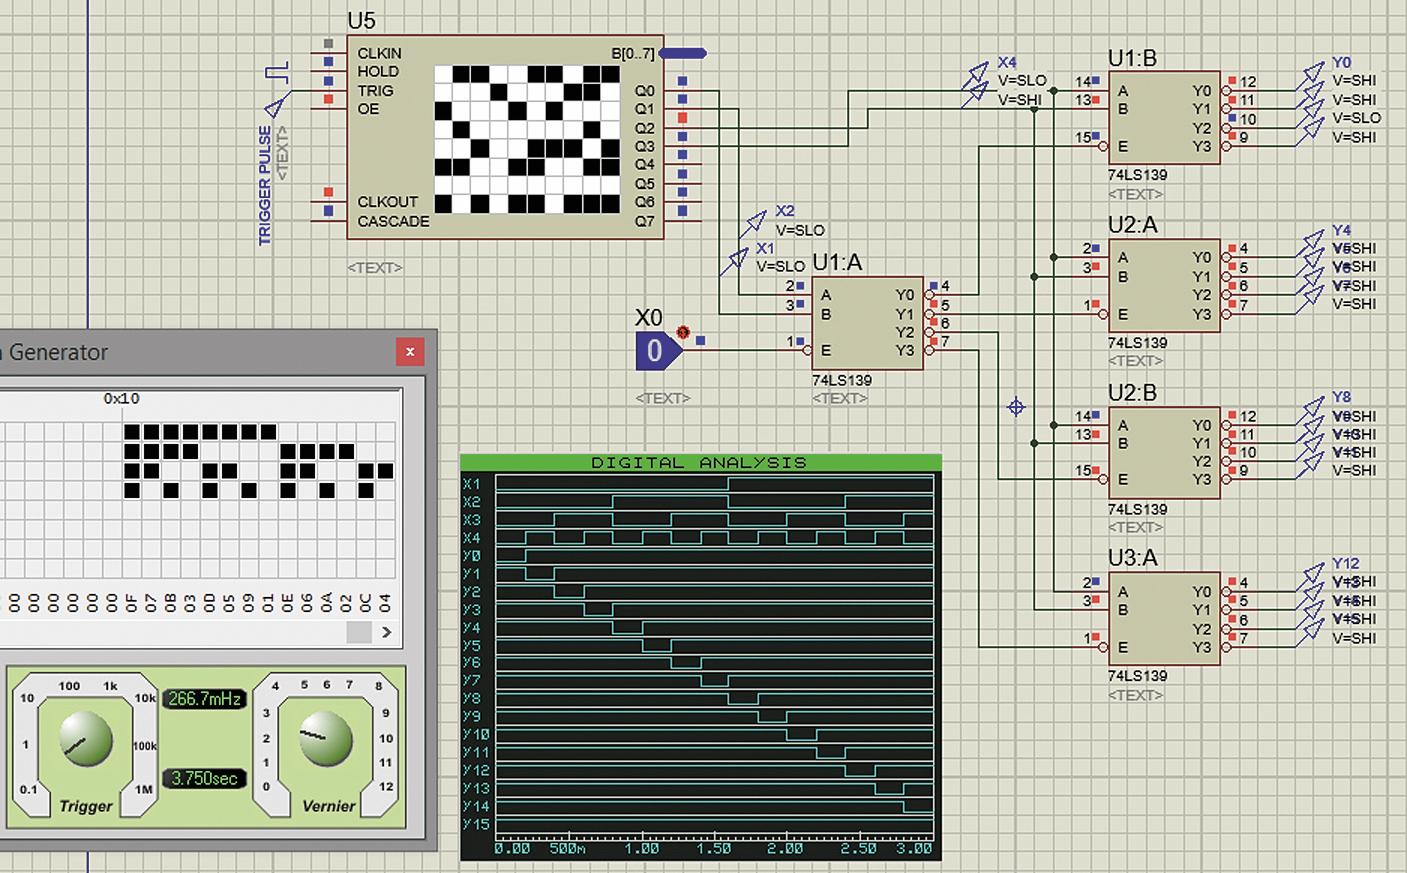 Тестирование работы четырехвходового дешифратора, построенного на основе двухвходовых секций